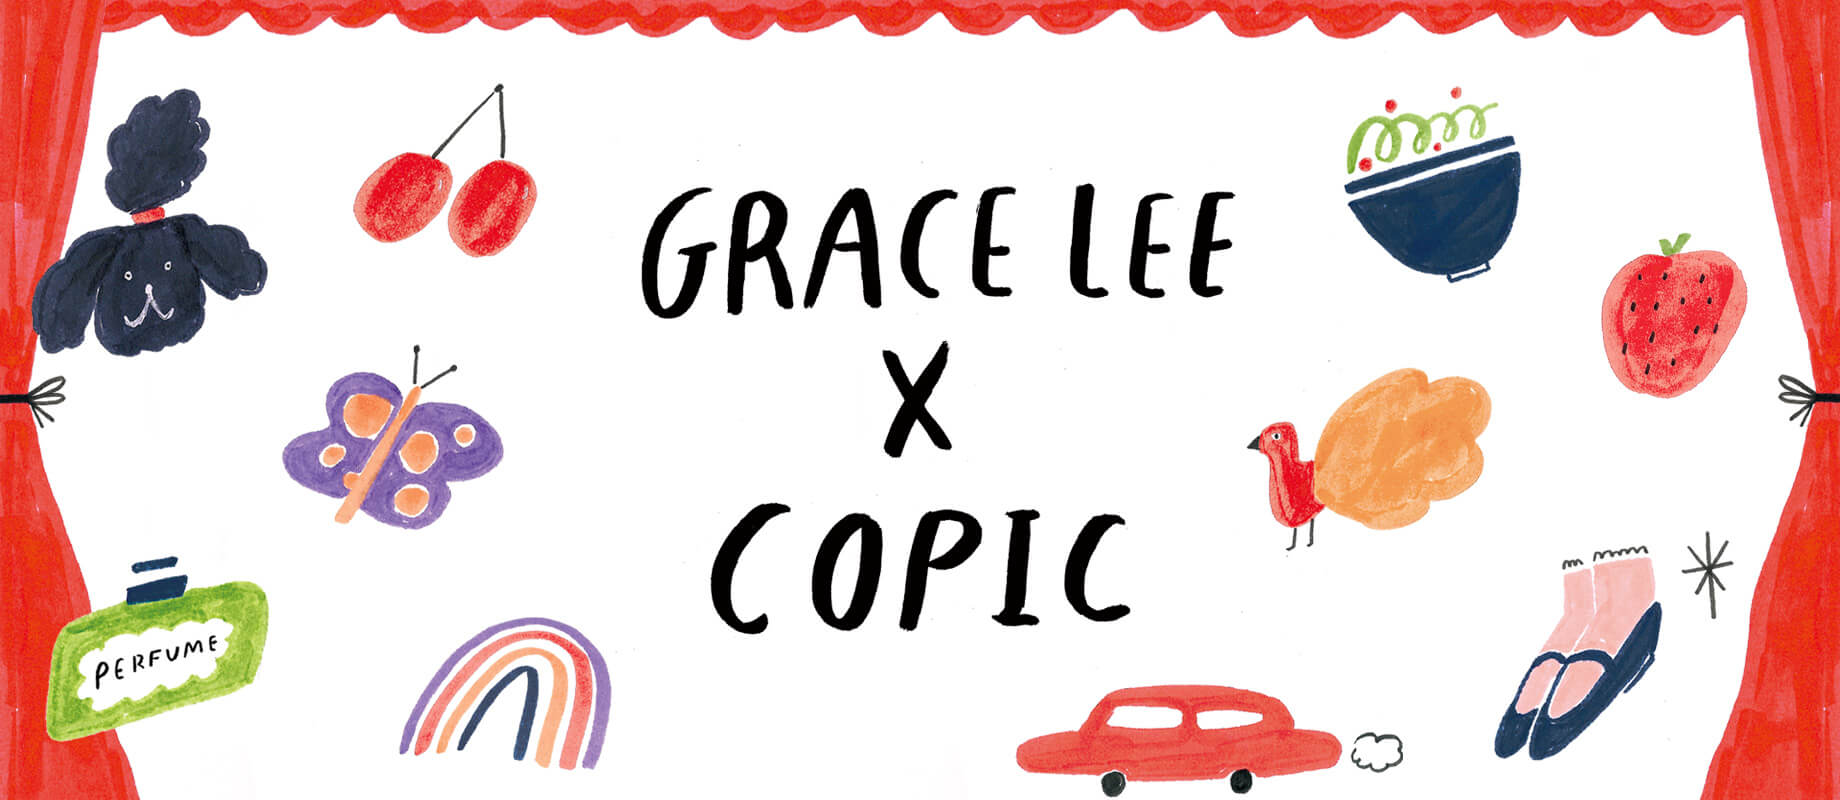 Grace-Lee_title